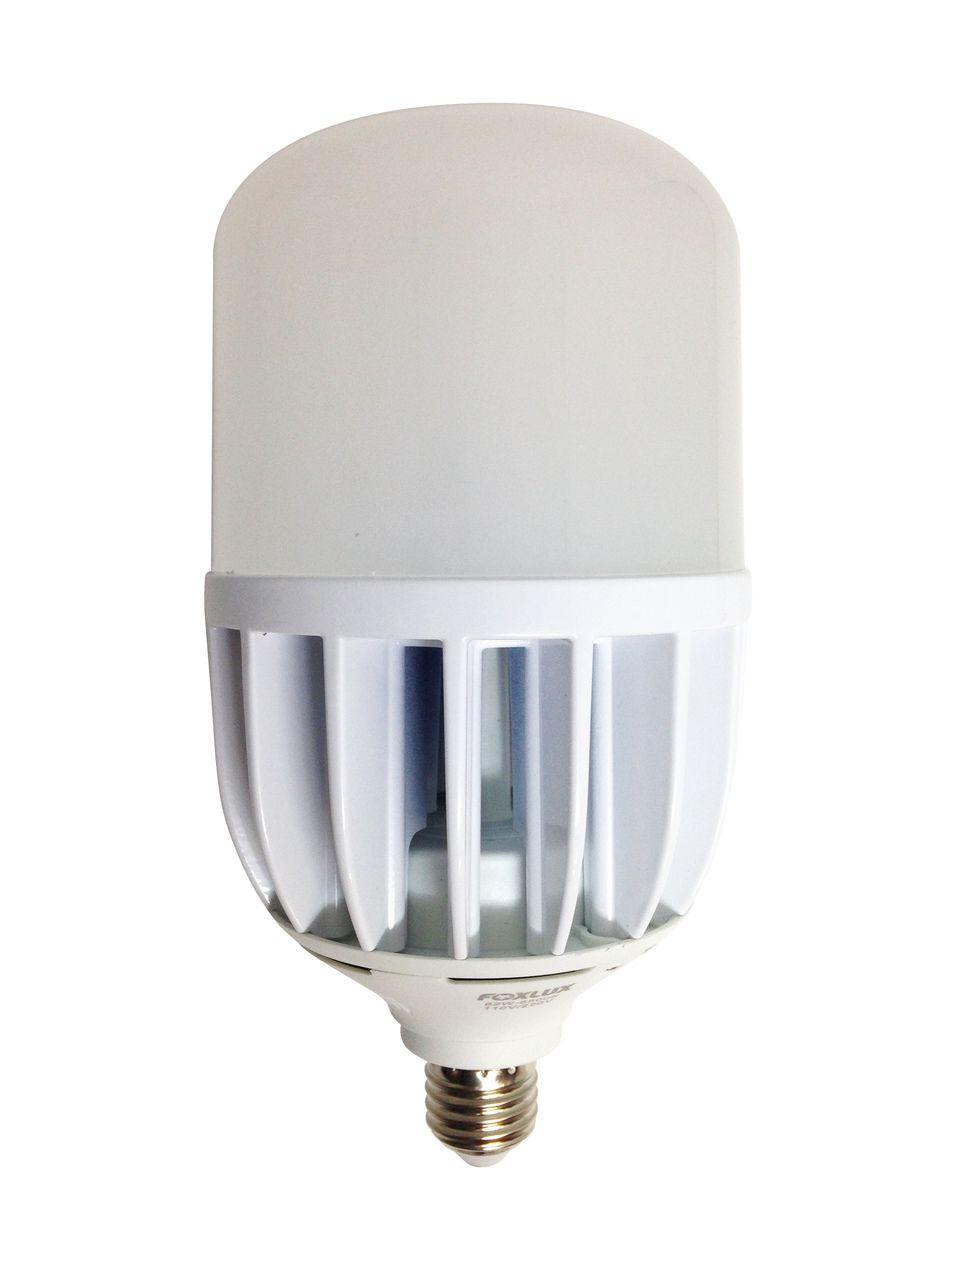 Lâmpada super LED Alta Potência 62W 6500K BIVOLT FOXLUX | Inmetro